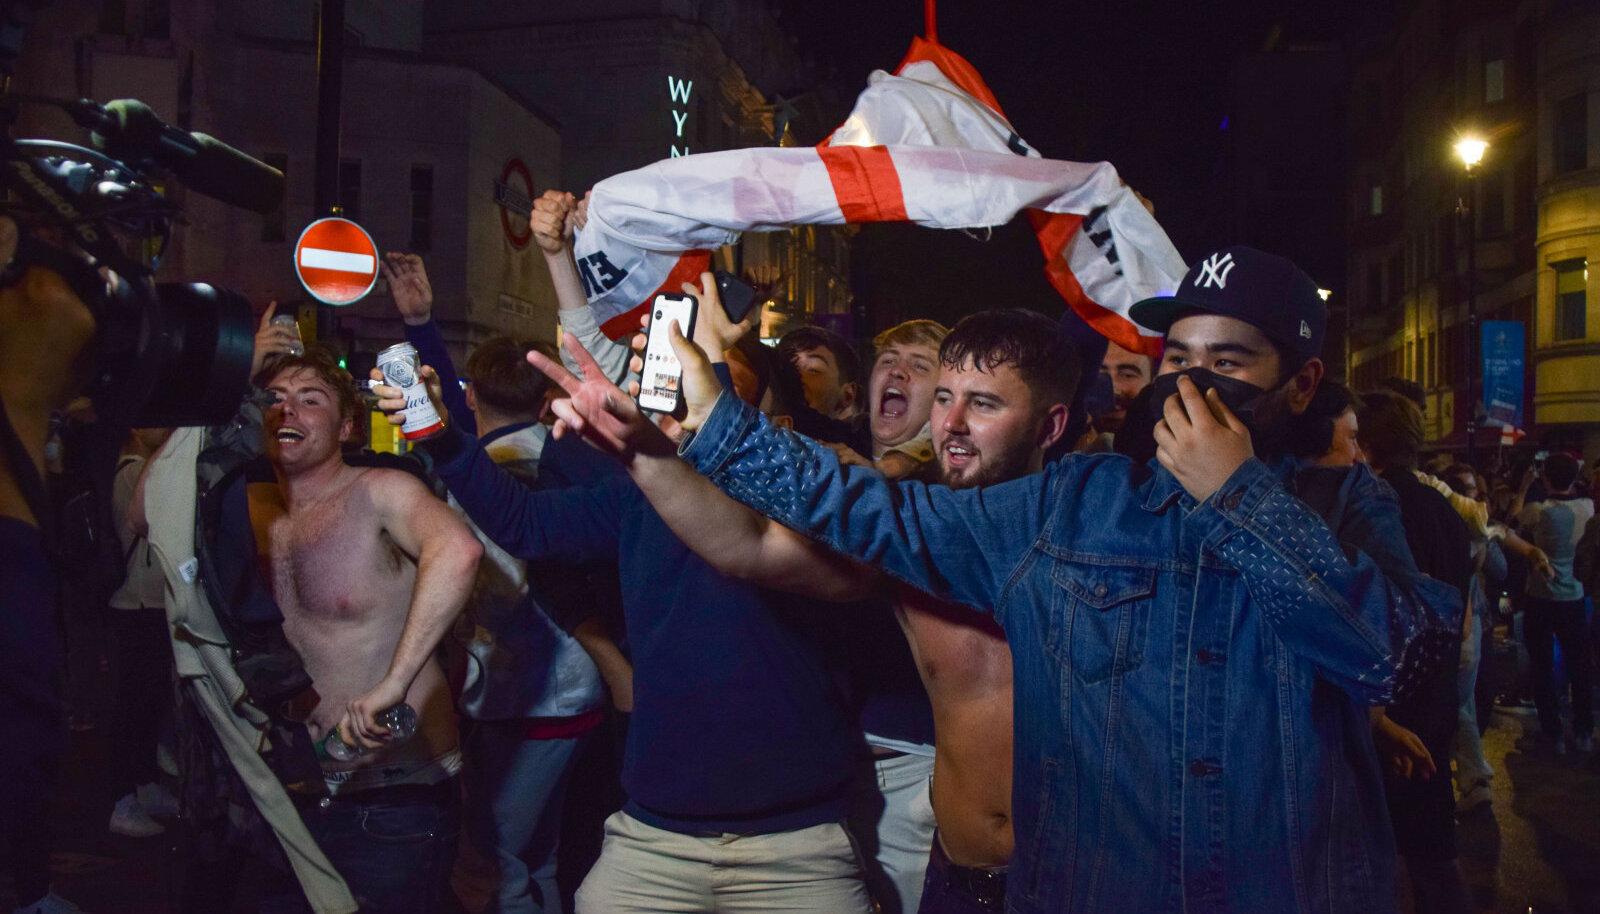 Inglismaa fännid Londonis poolfinaali järel. (Foto on illustratiivne)